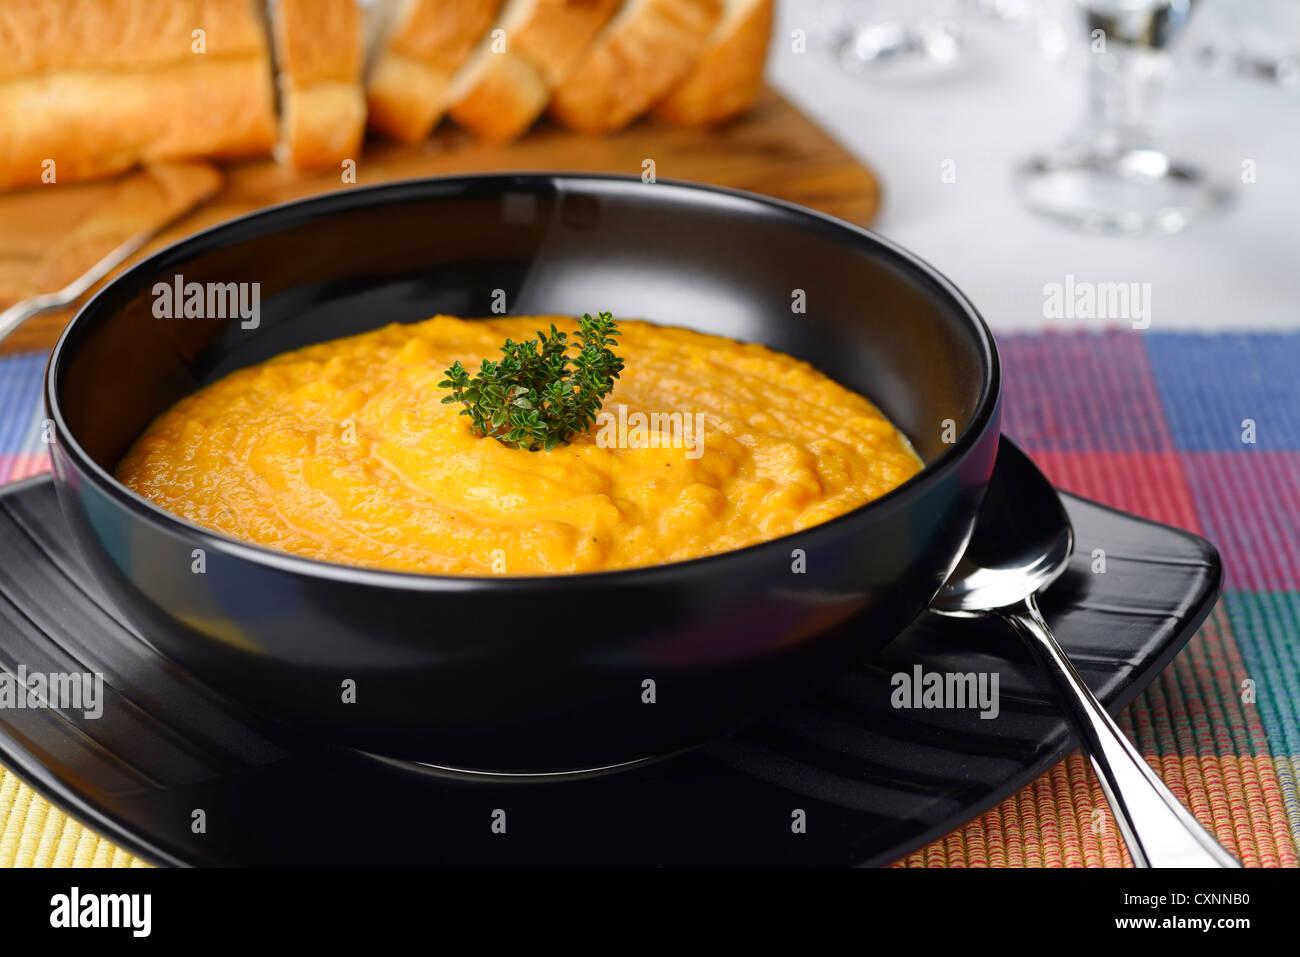 Tomate carotte crème soupe orange au thym garniture dans un bol avec des tranches de pain noir Banque D'Images